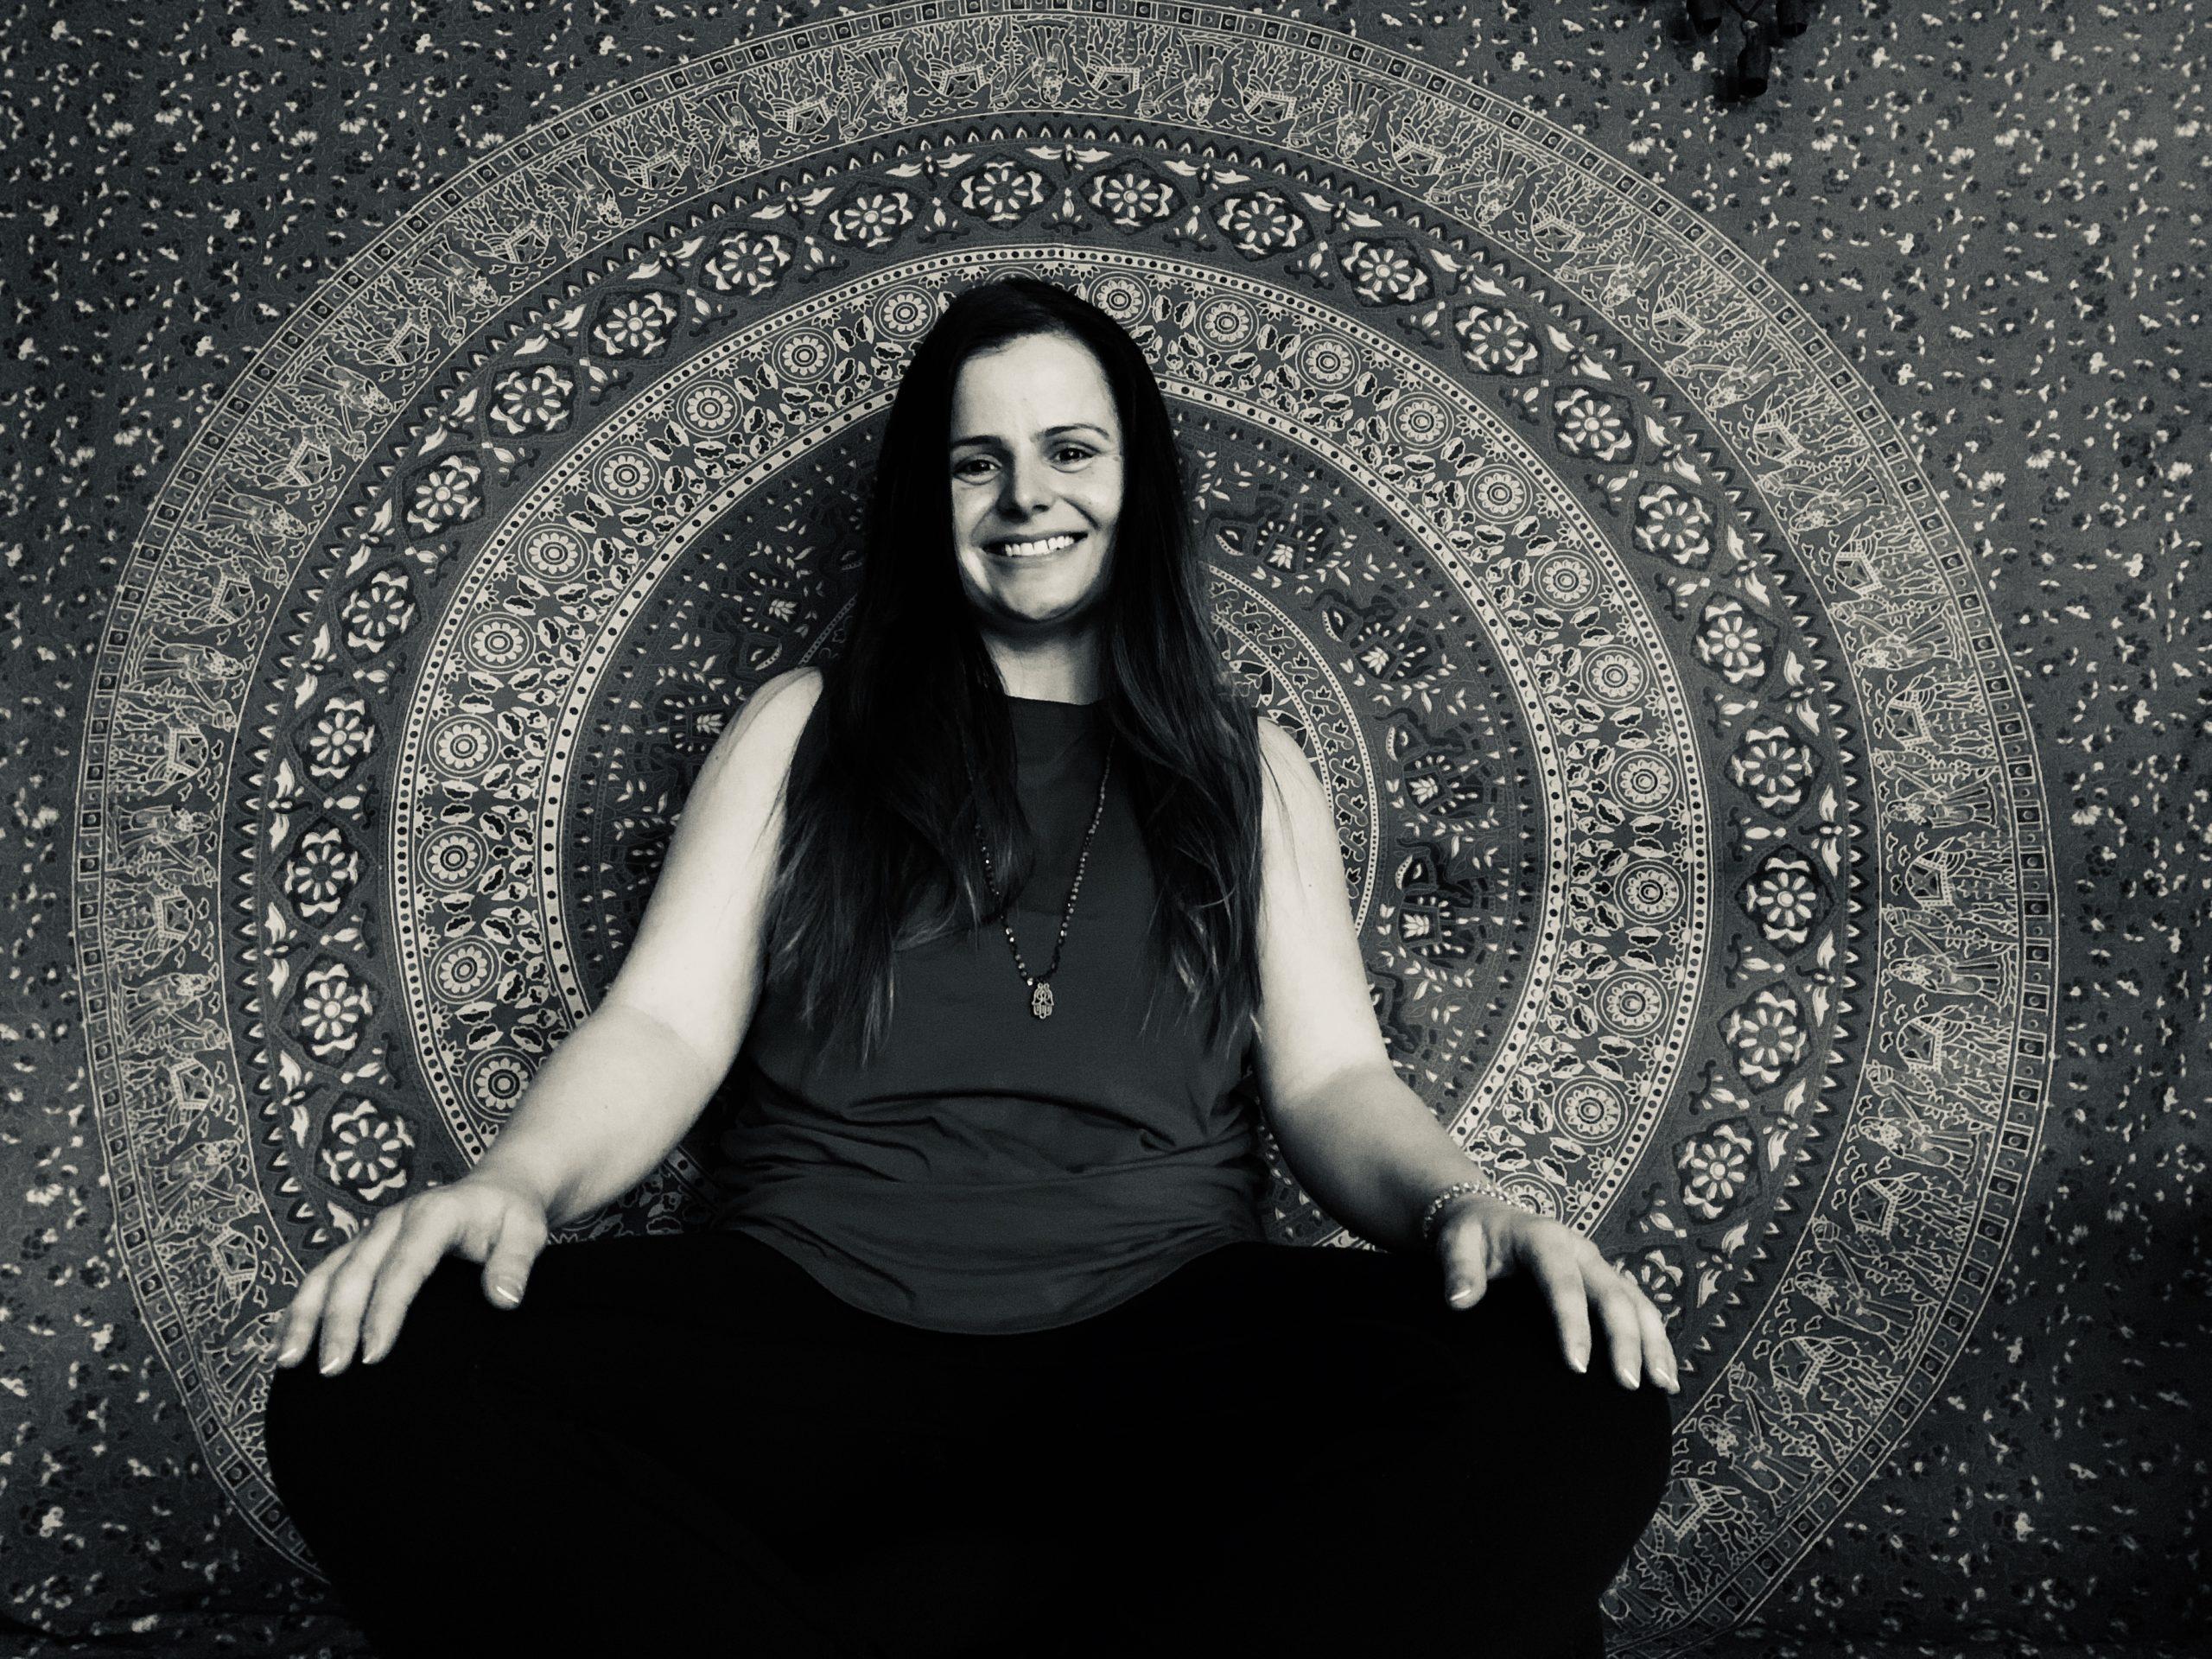 yoga bio picture